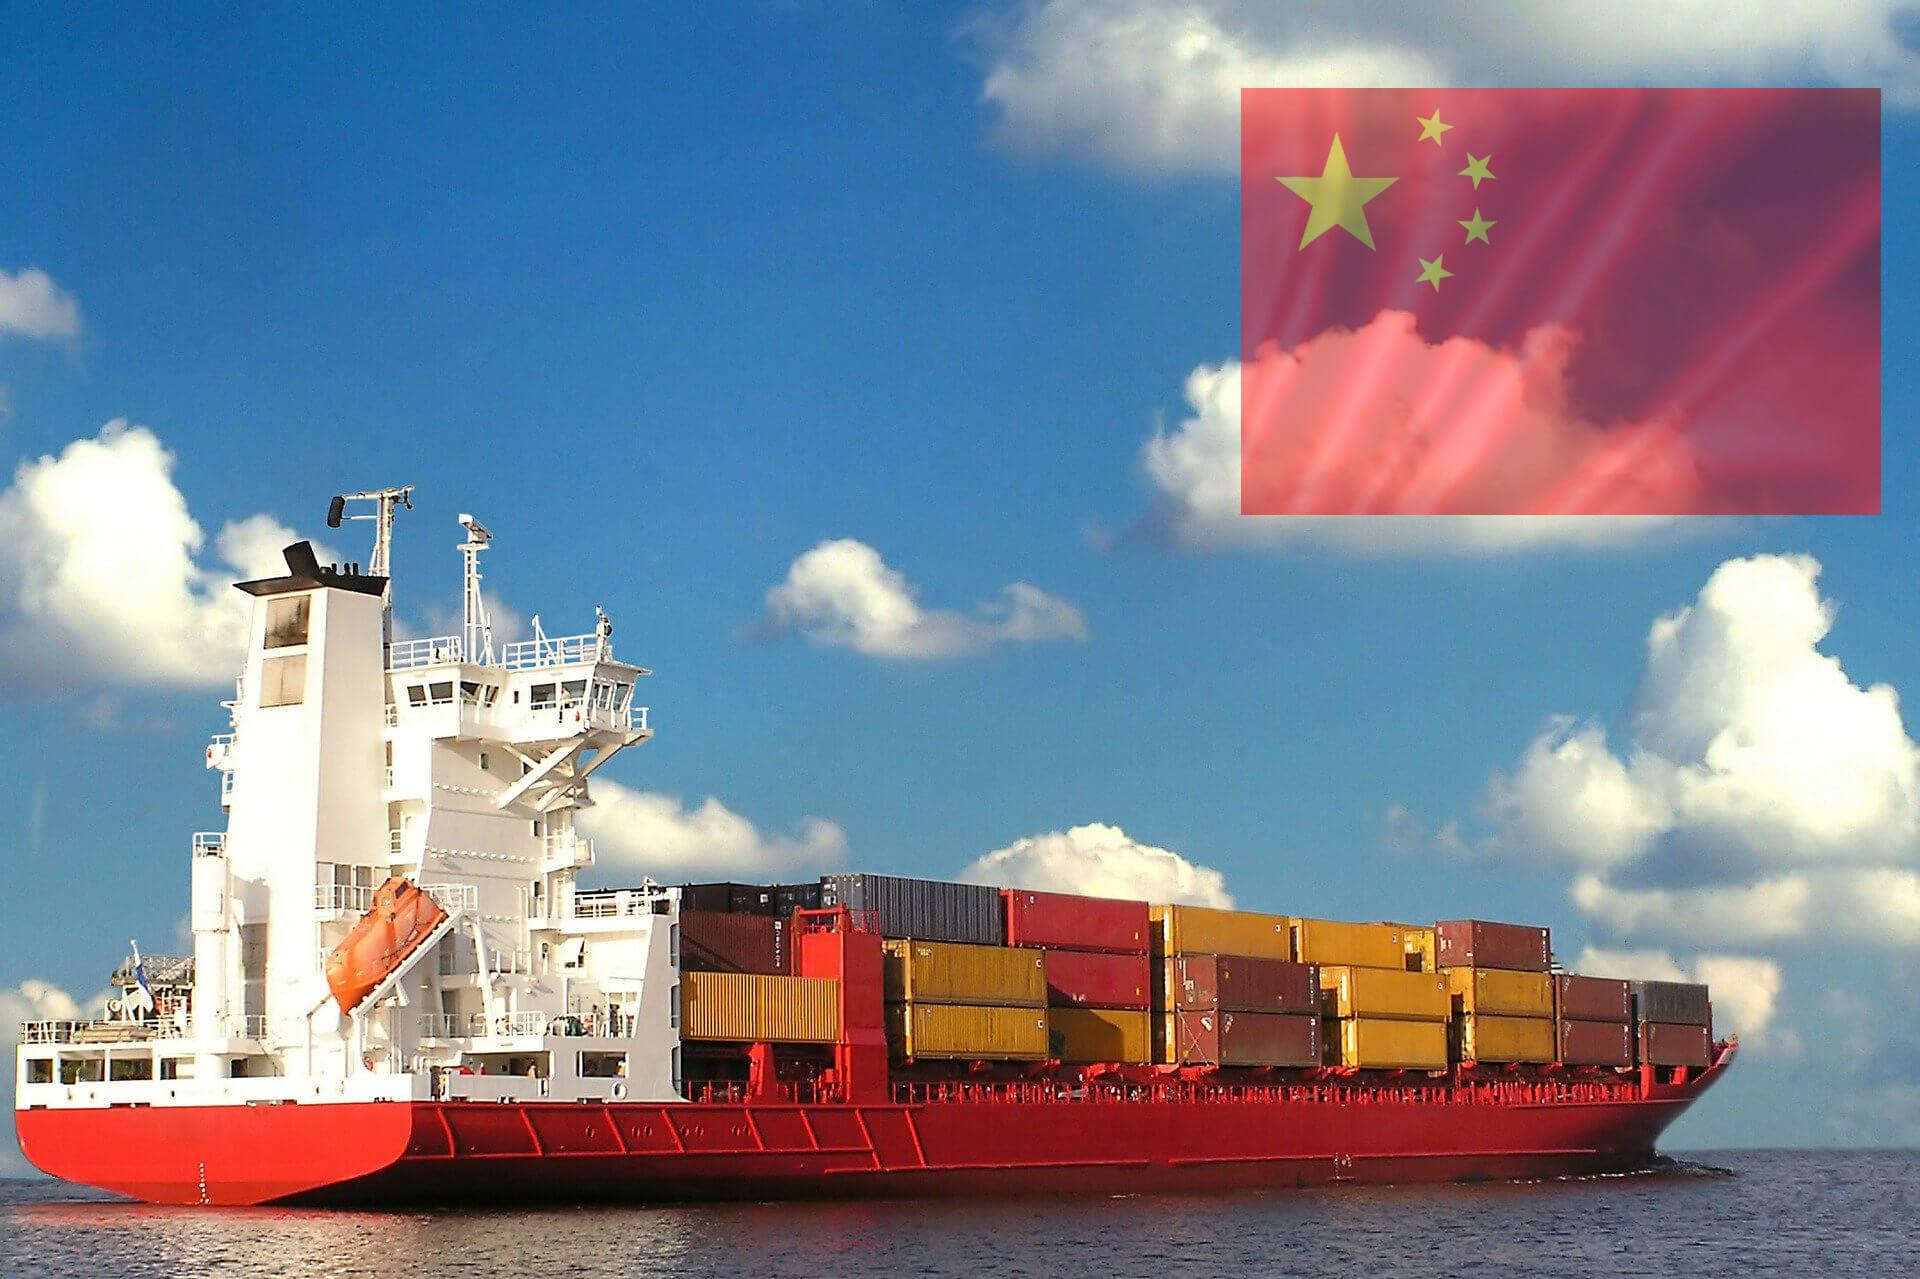 中国輸出の基礎知識 | 輸出規制・関税・税関申告手続きのポイントについて解説